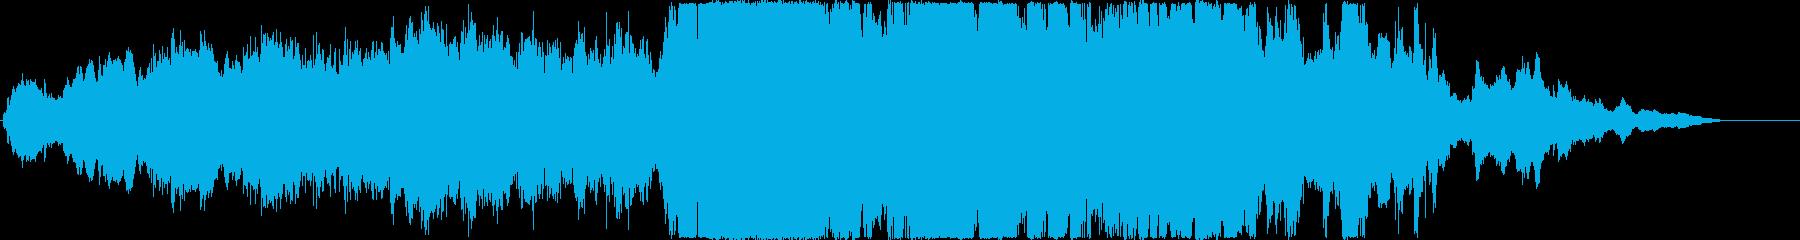 オーケストラによる重厚でダークなアンセ…の再生済みの波形